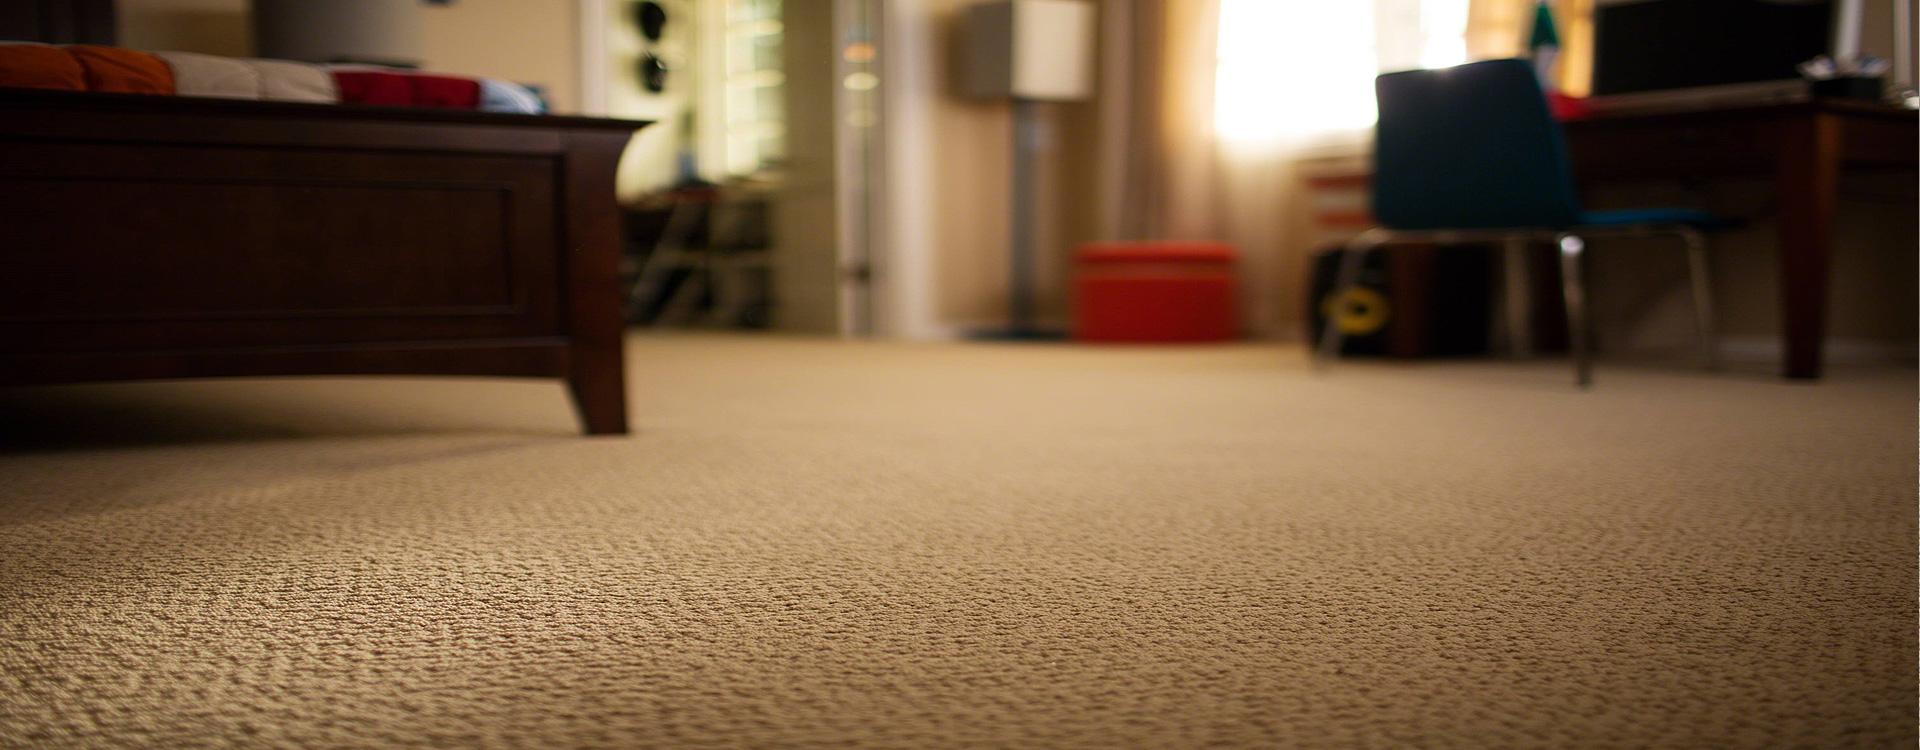 Denver Carpet Vinyl Laminate And Tile Flooring Weaver